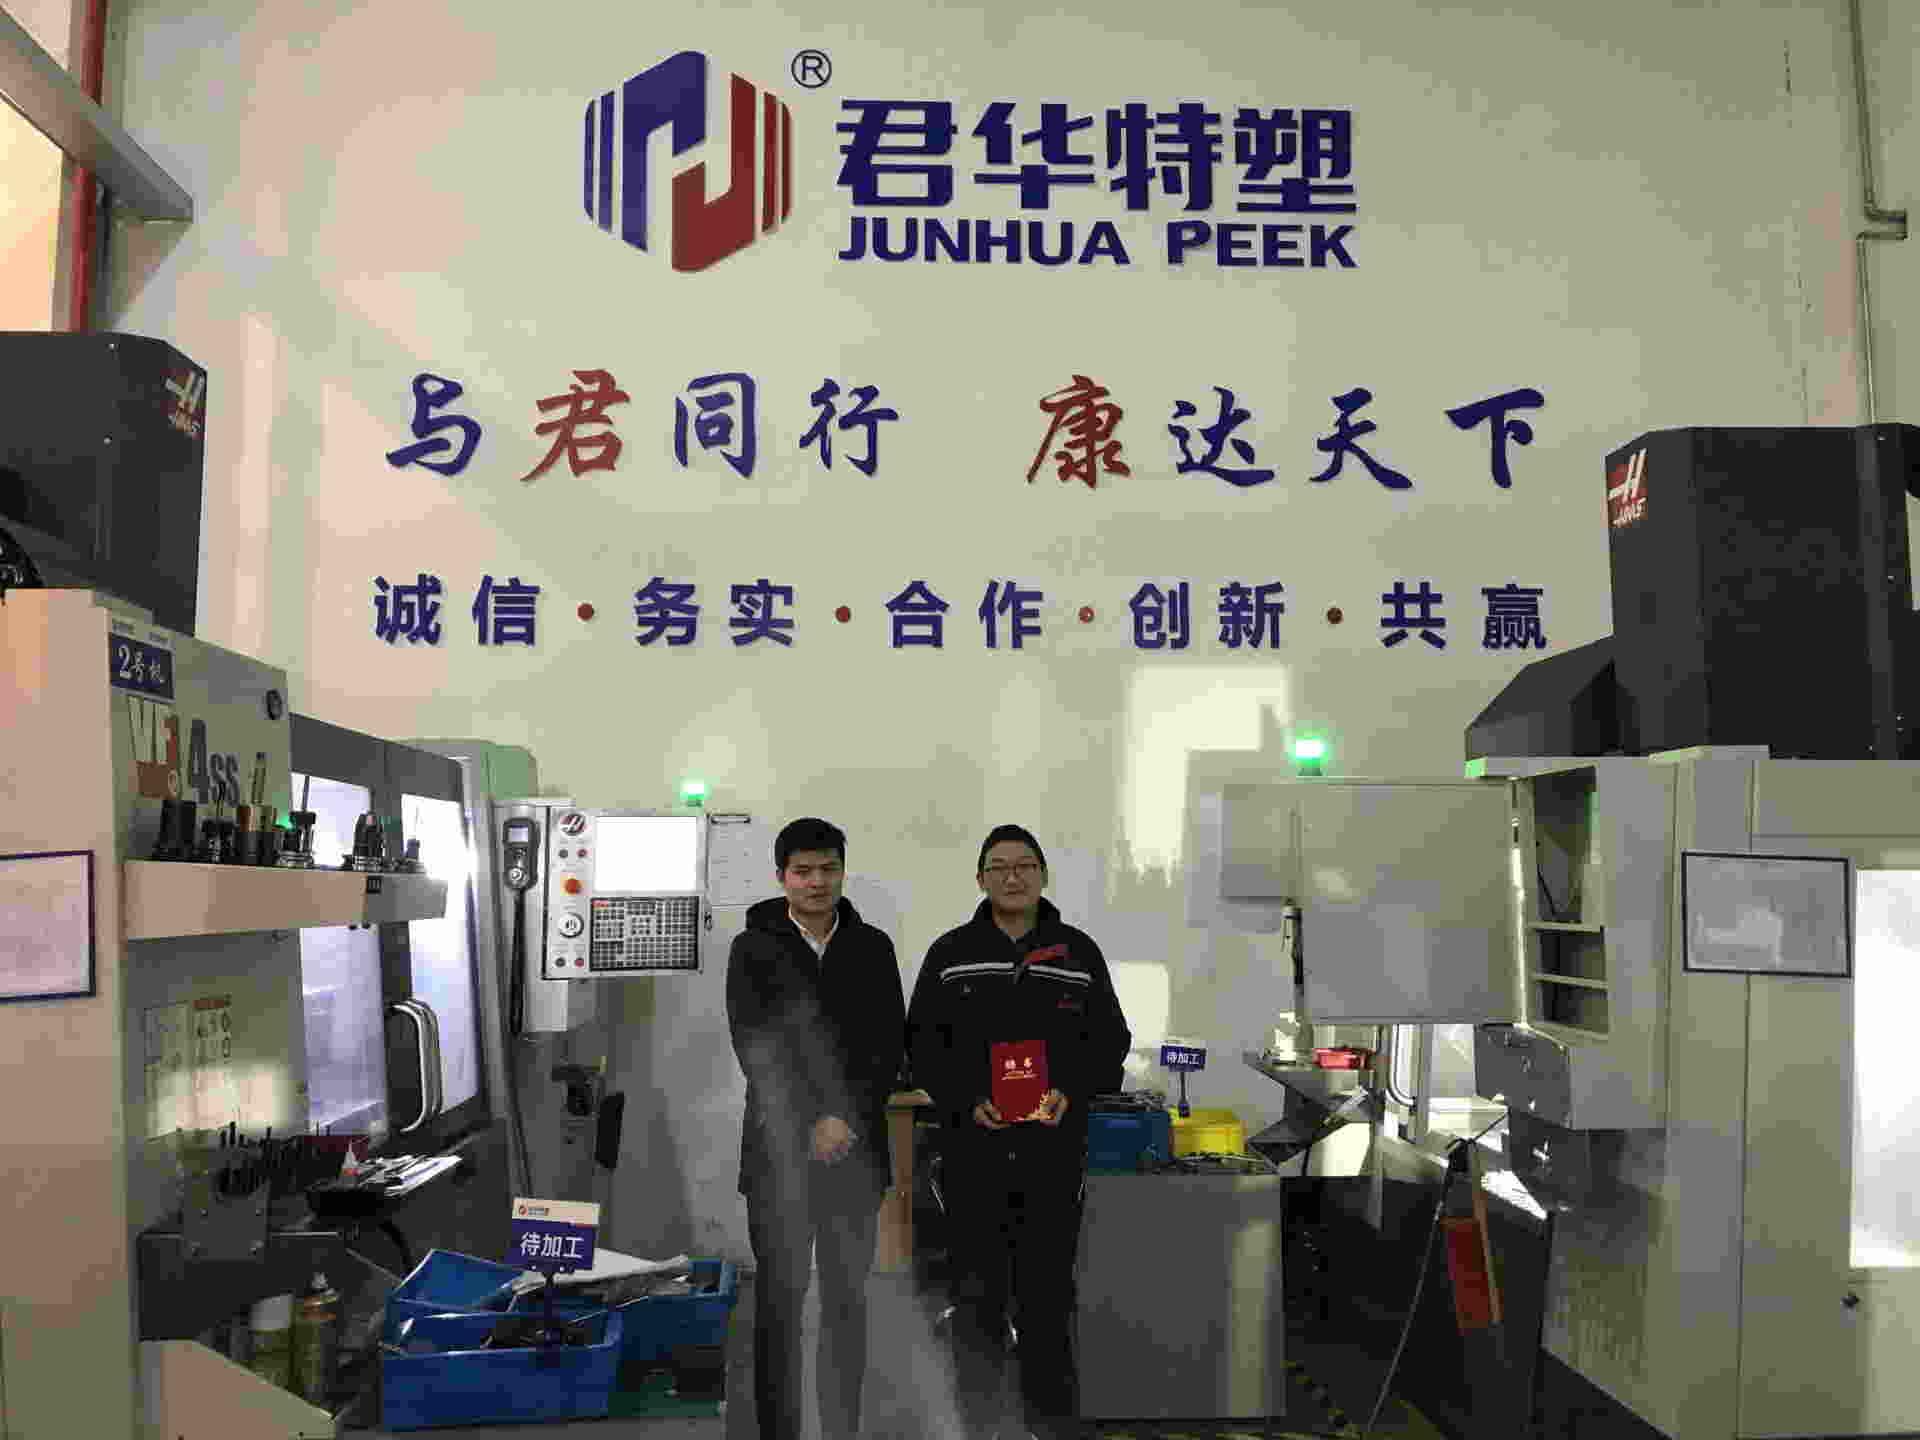 江苏君华特塑 ▏常州君华医疗科技有限公司任命张帅为数控车间主任